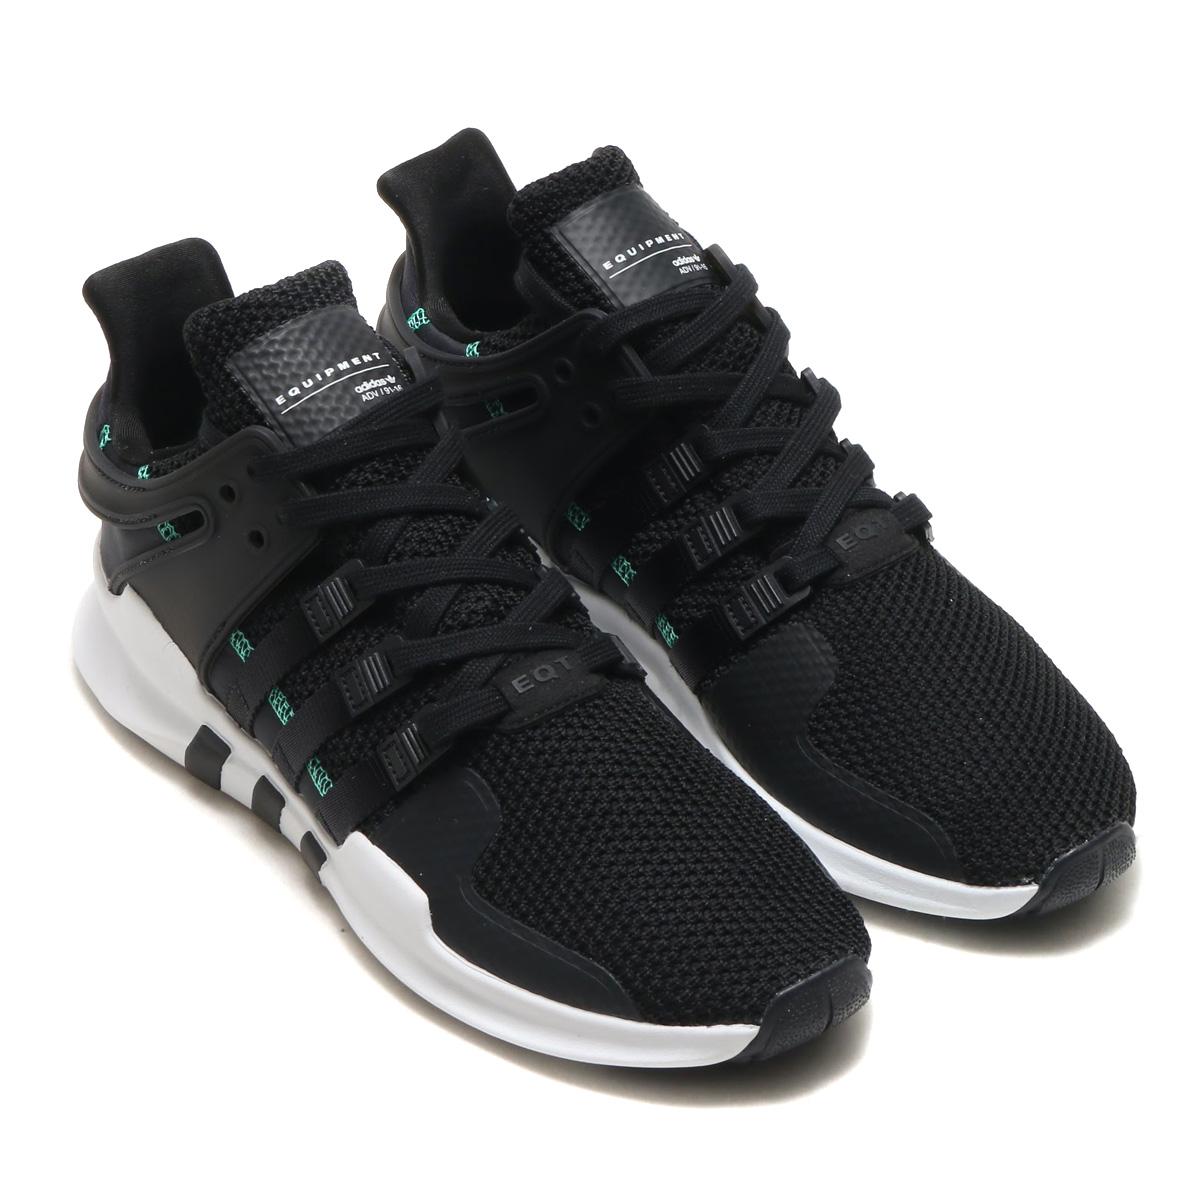 adidas Originals EQT SUPPORT ADV(アディダス オリジナルス イーキューティー サポート ADV)Core Black/Core Black/Ftwr White18SS-I